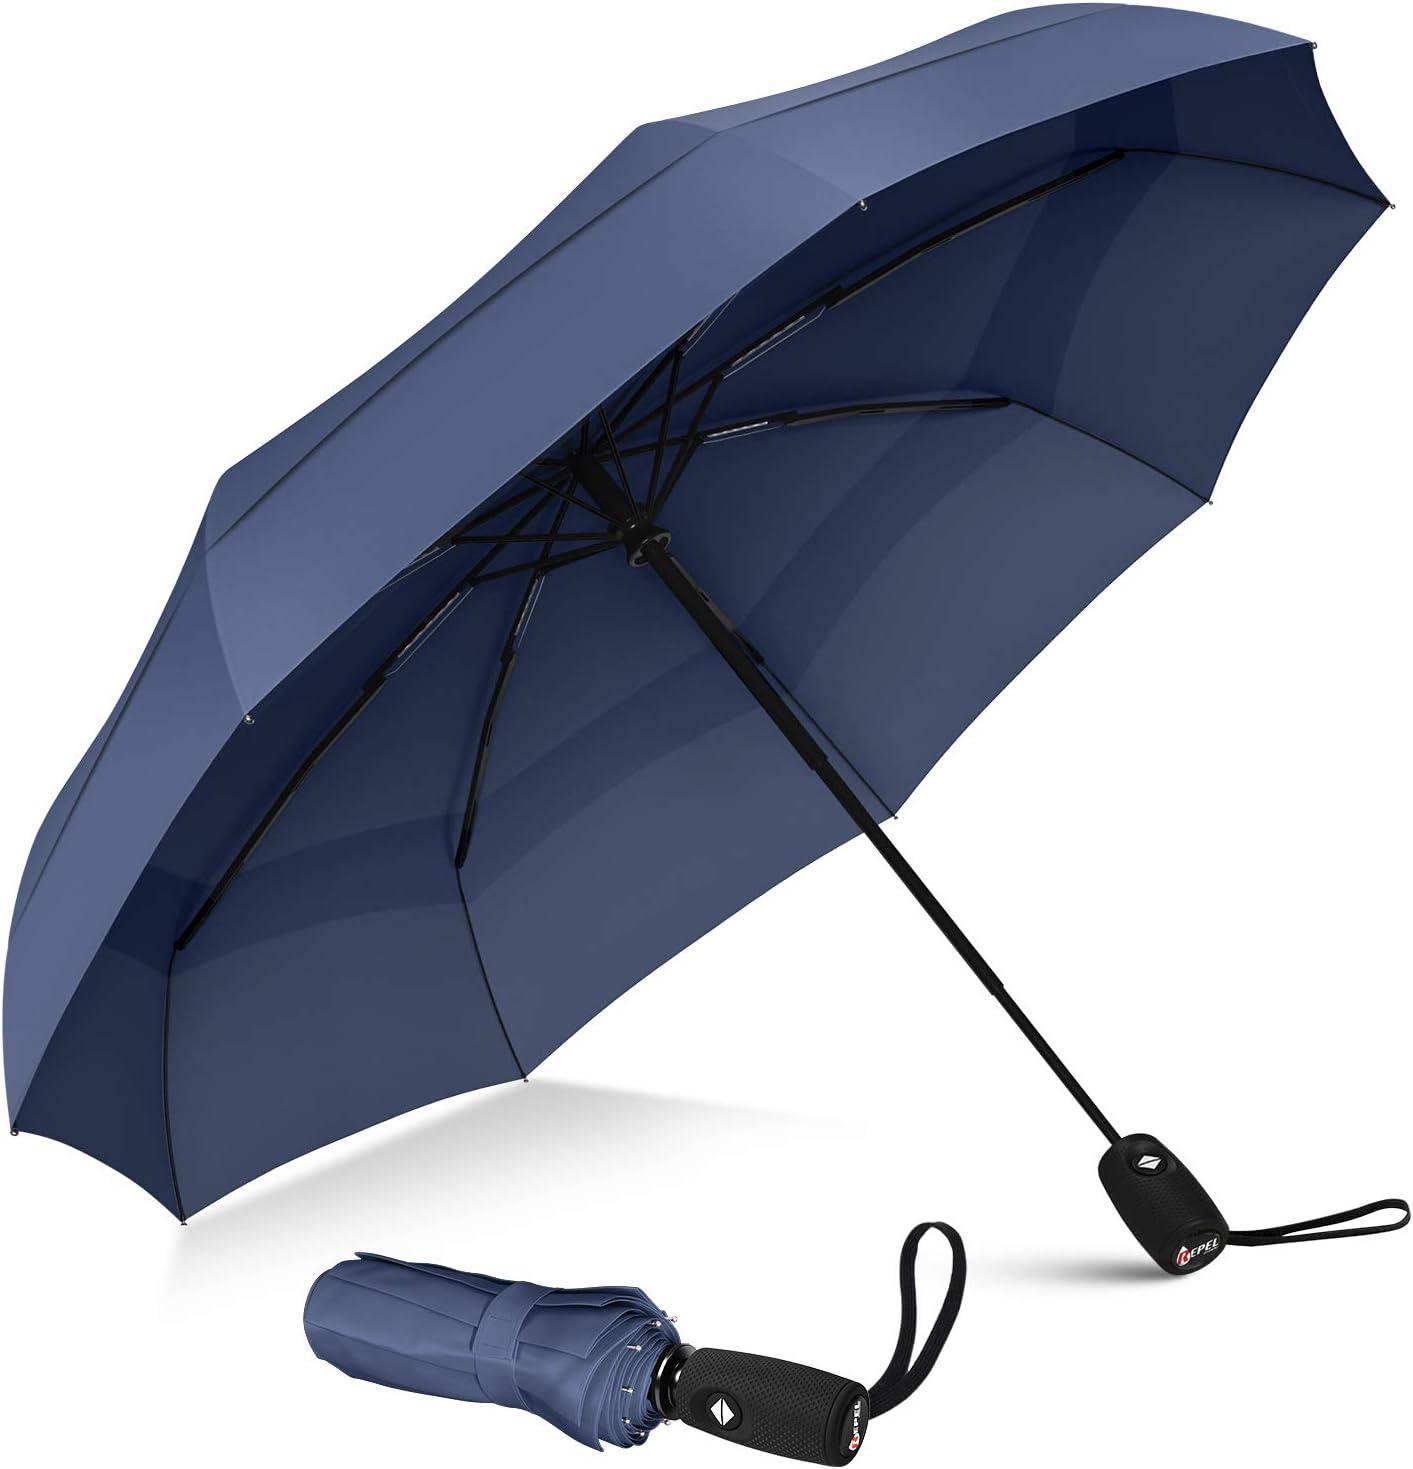 r/ésistant au Vent l/éger et Portable Triple Pliage imprim/é Floral des Deux c/ôt/és Bleu Bleu L Protection UV Parapluie de Voyage Anti-UV pour Femmes et Filles